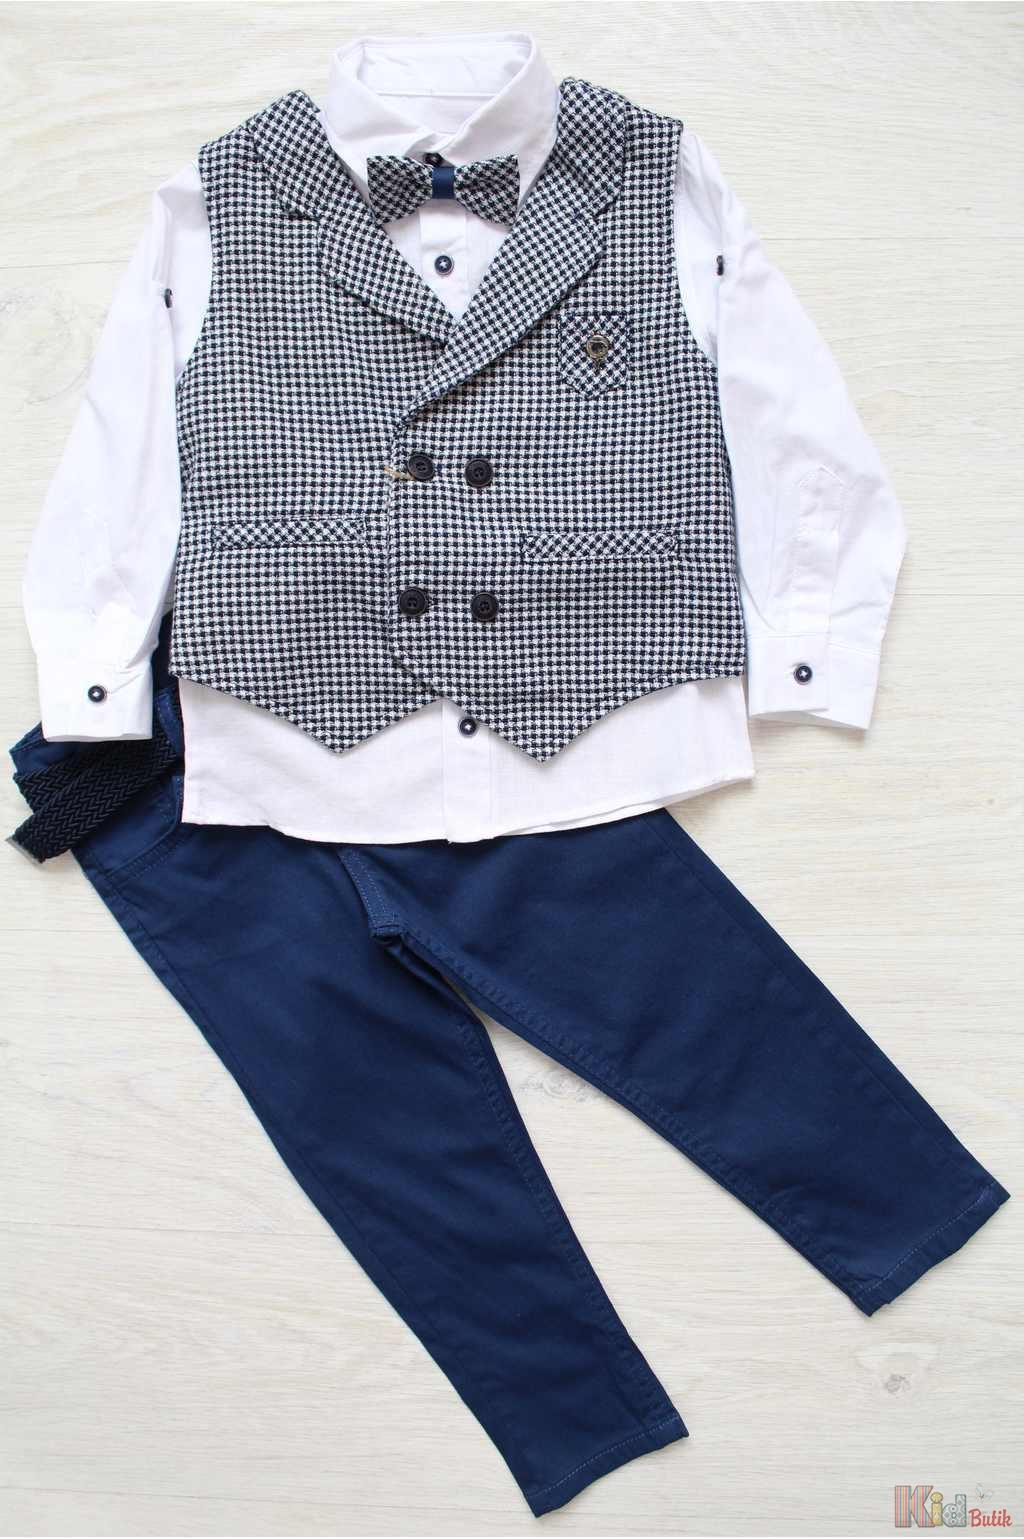 b2cabb6ee4a5d9 ᐈ Дитячі костюми, піджаки для хлопчиків купити за низькою ціною |  KidButik.ua™